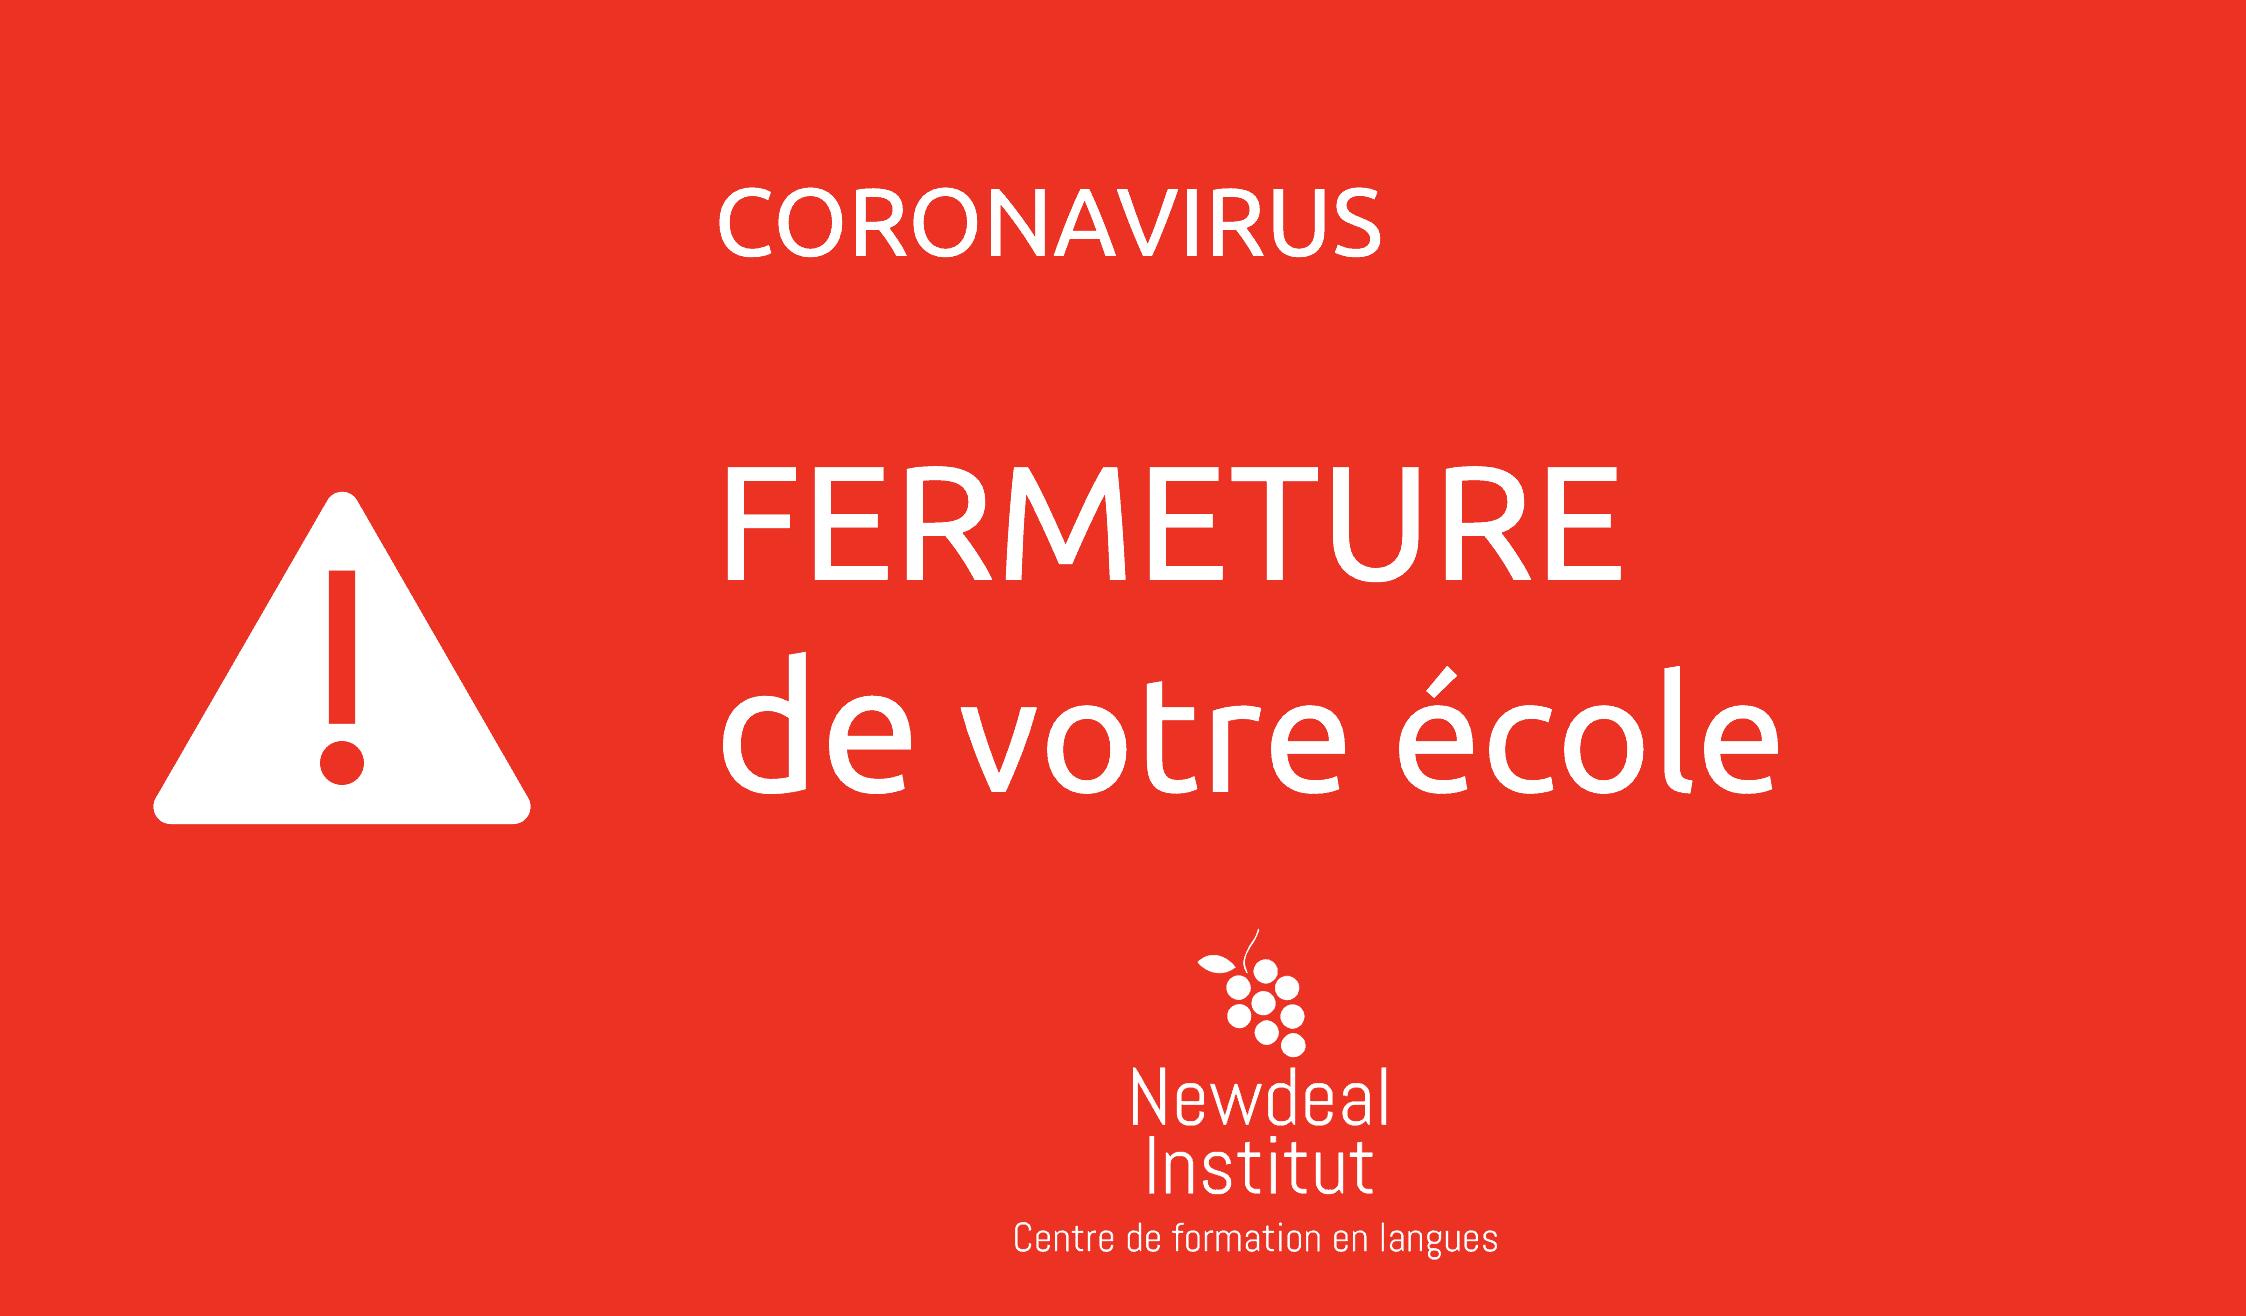 fermeture ecole de français bordeaux coronavirus